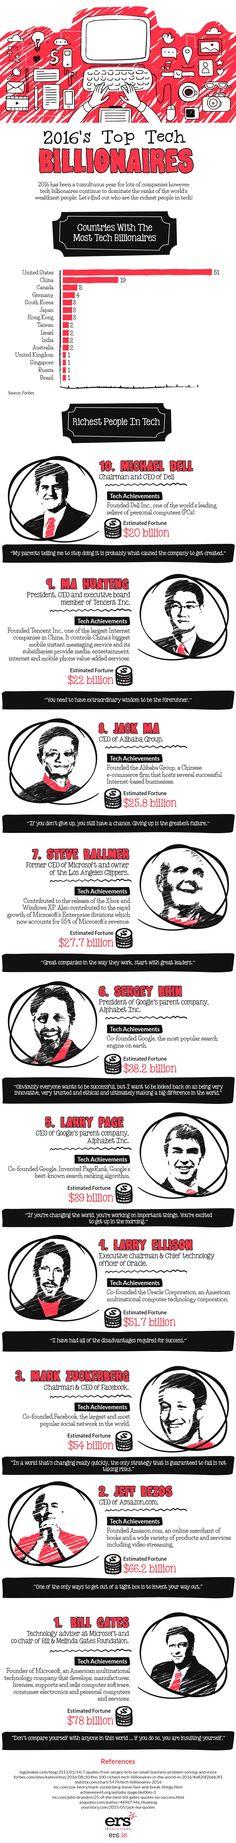 Tech's top 10 billionaires - Business Insider